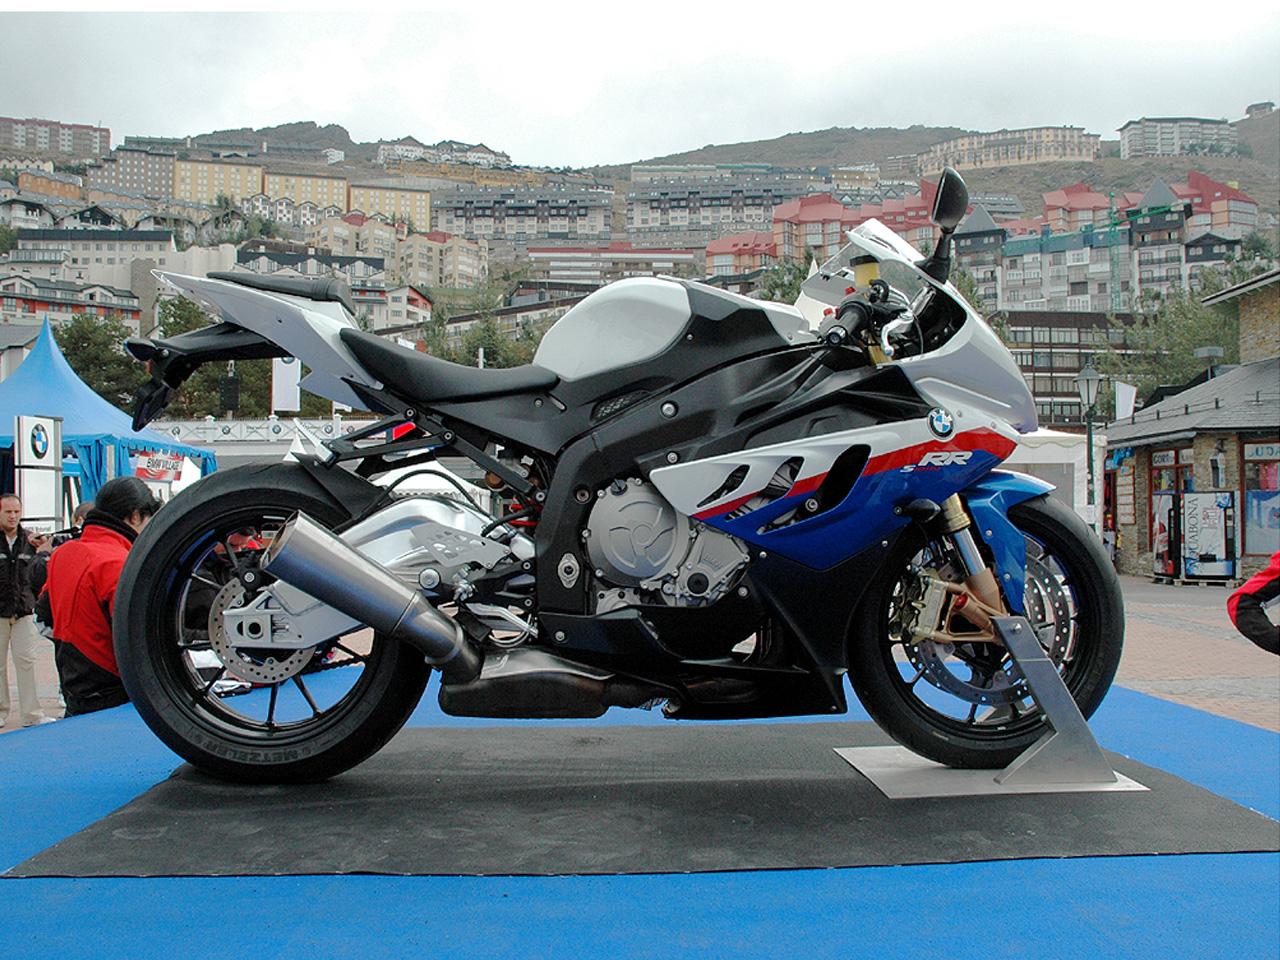 宝马bmw s1000rr摩托车图片